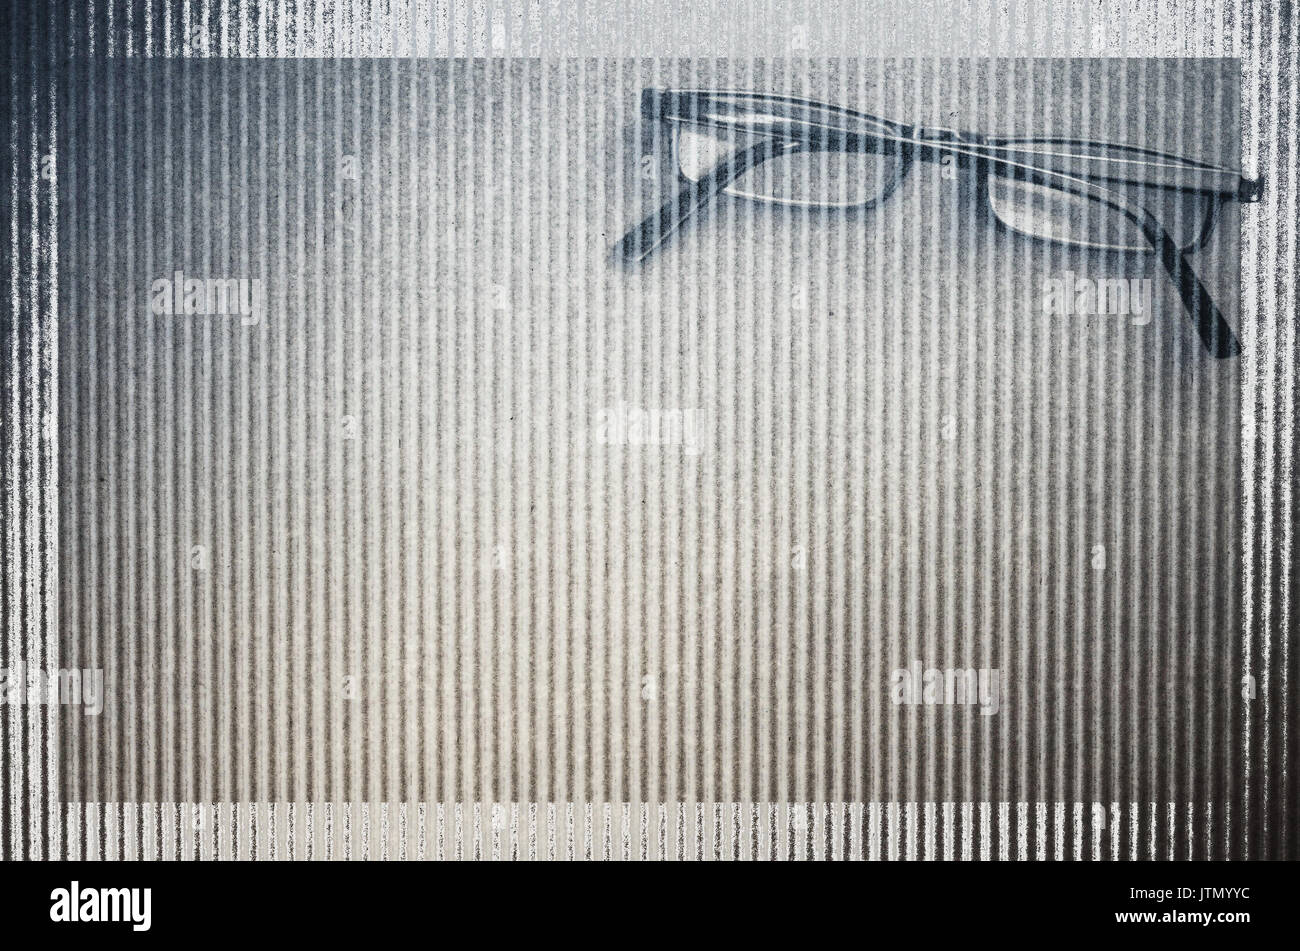 Gafas de cartón ondulado de superficie con textura de fondo - espacio de copia Imagen De Stock